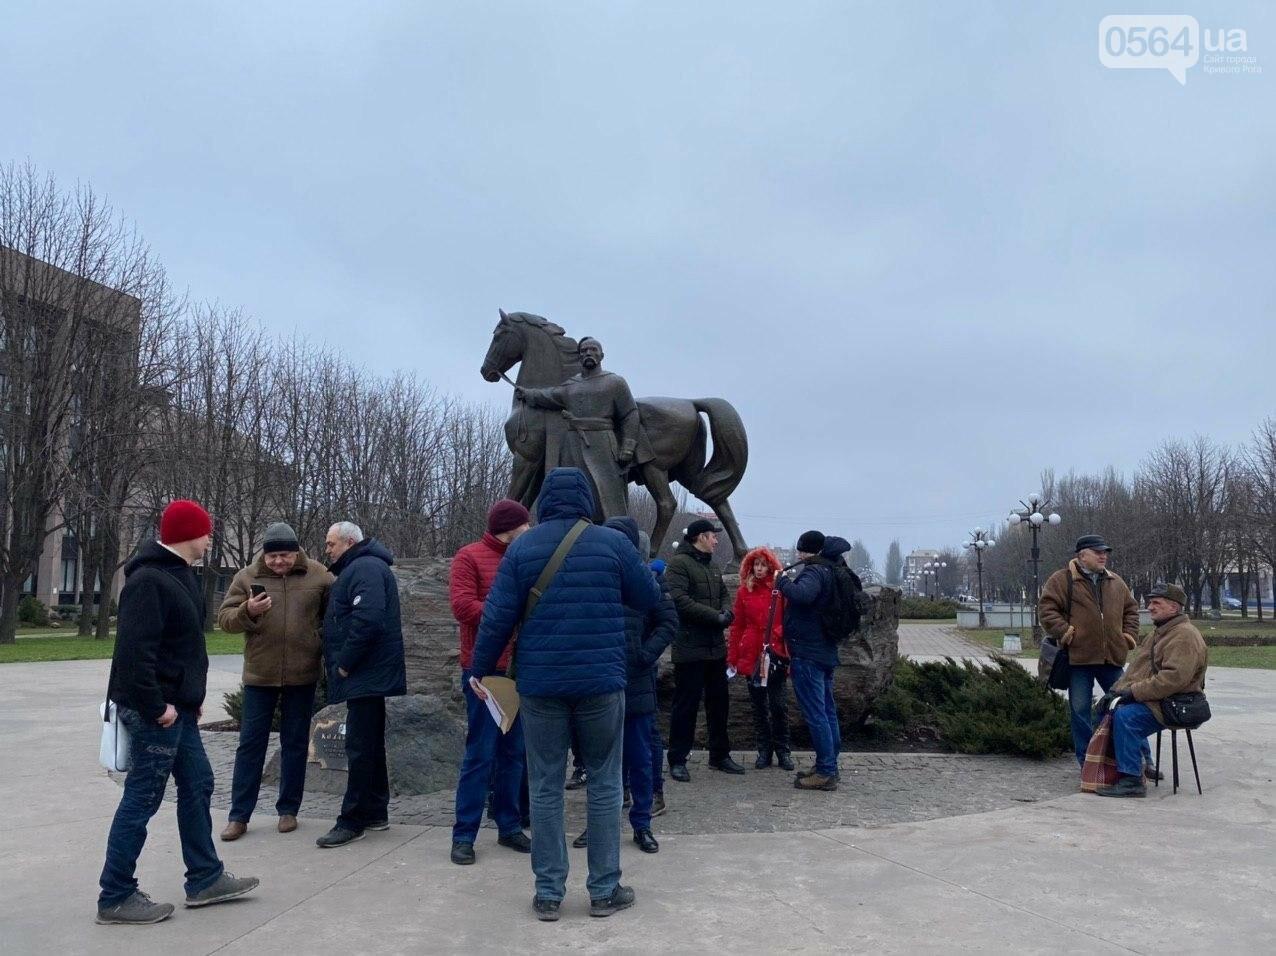 Криворожане записали видеообращение к земляку-президенту и рассказали, как ему убивают рейтинги в городе, - ФОТО, ВИДЕО , фото-12